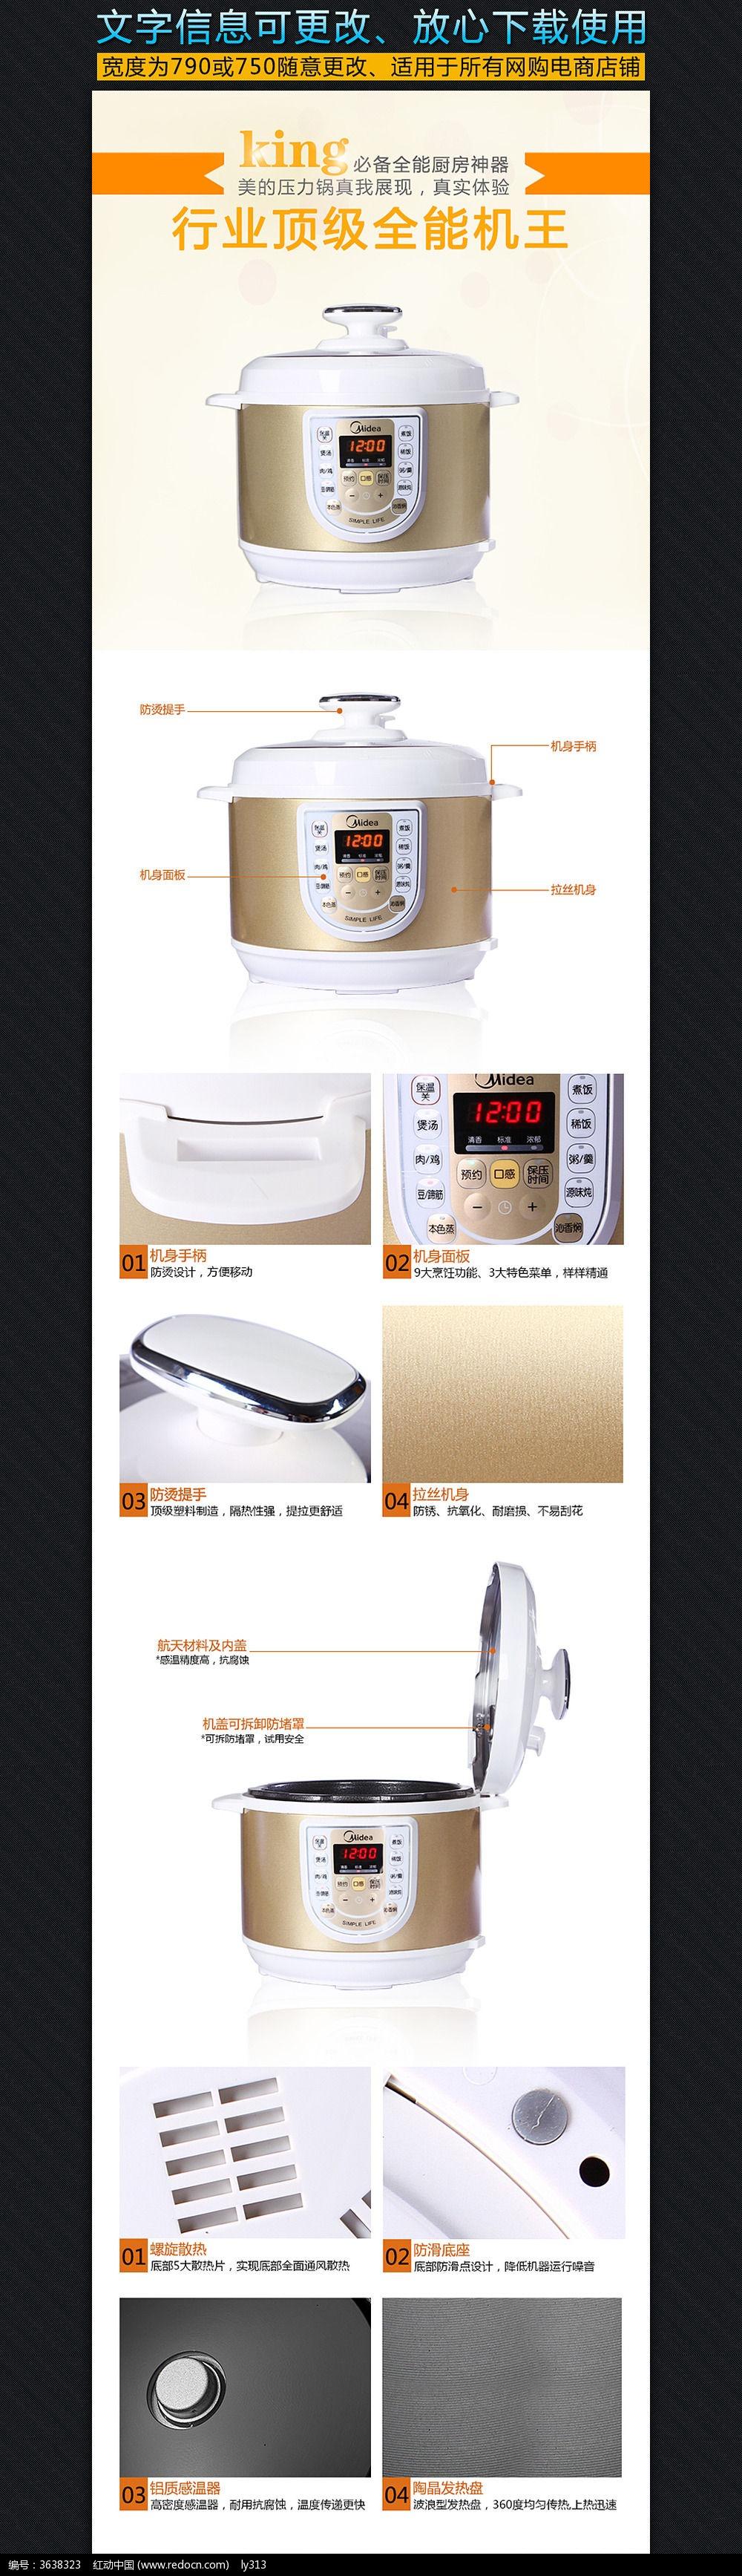 淘宝网店电压力锅描述模板